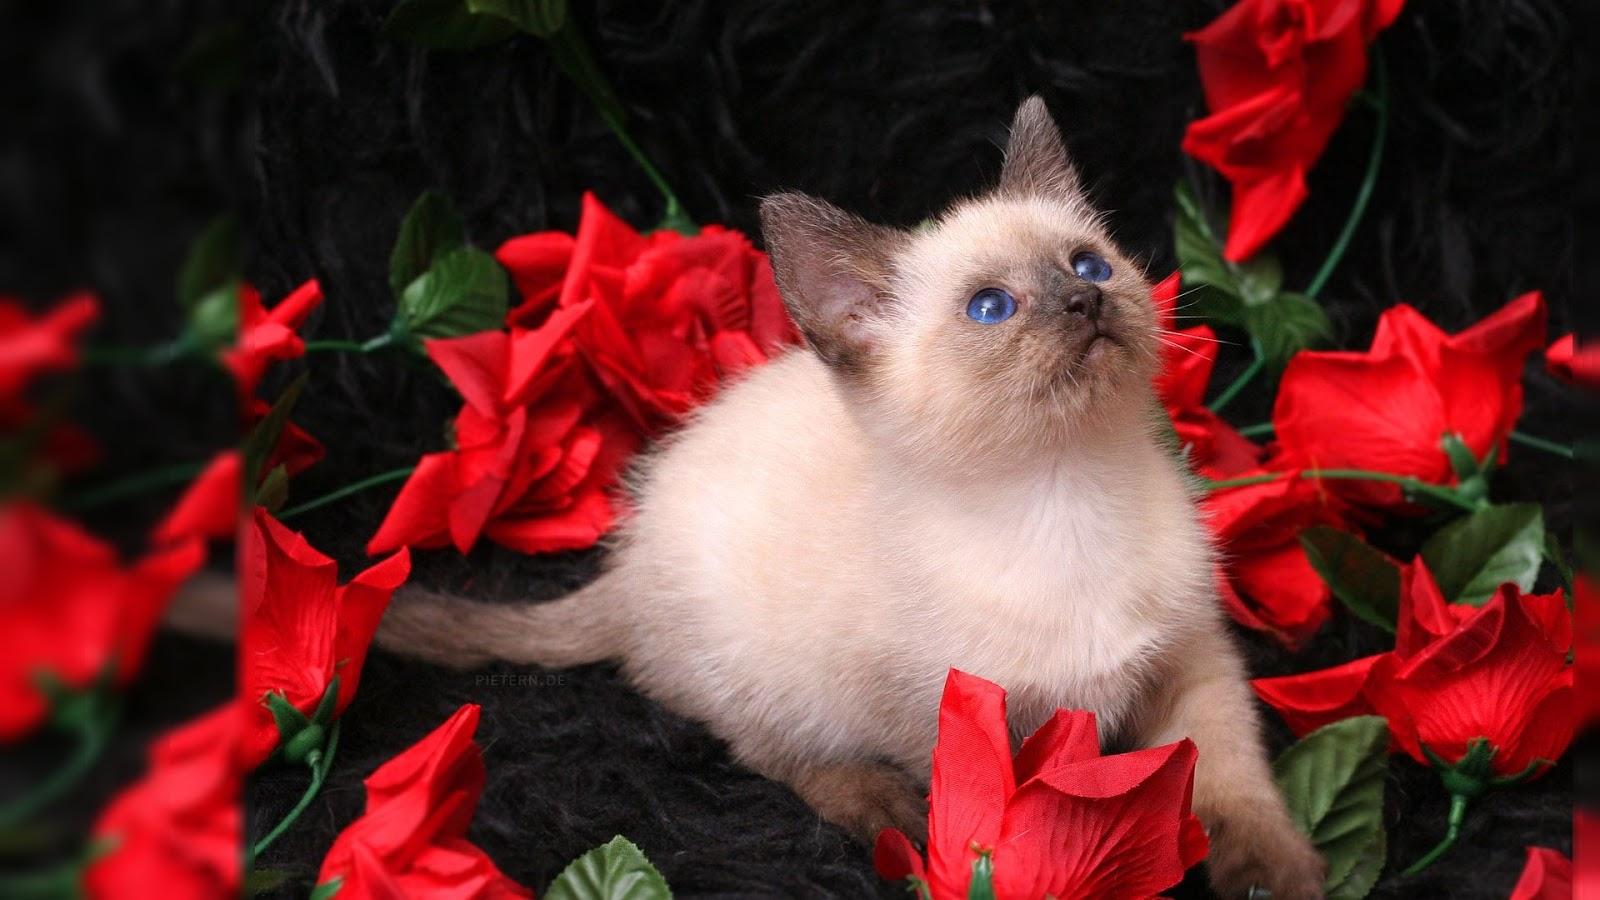 http://2.bp.blogspot.com/-d5SXxOFSxrs/UO6_D86lGTI/AAAAAAAABuY/Vv0rYjch7OA/s1600/red+rose+HD+wallpaper+(3).jpg